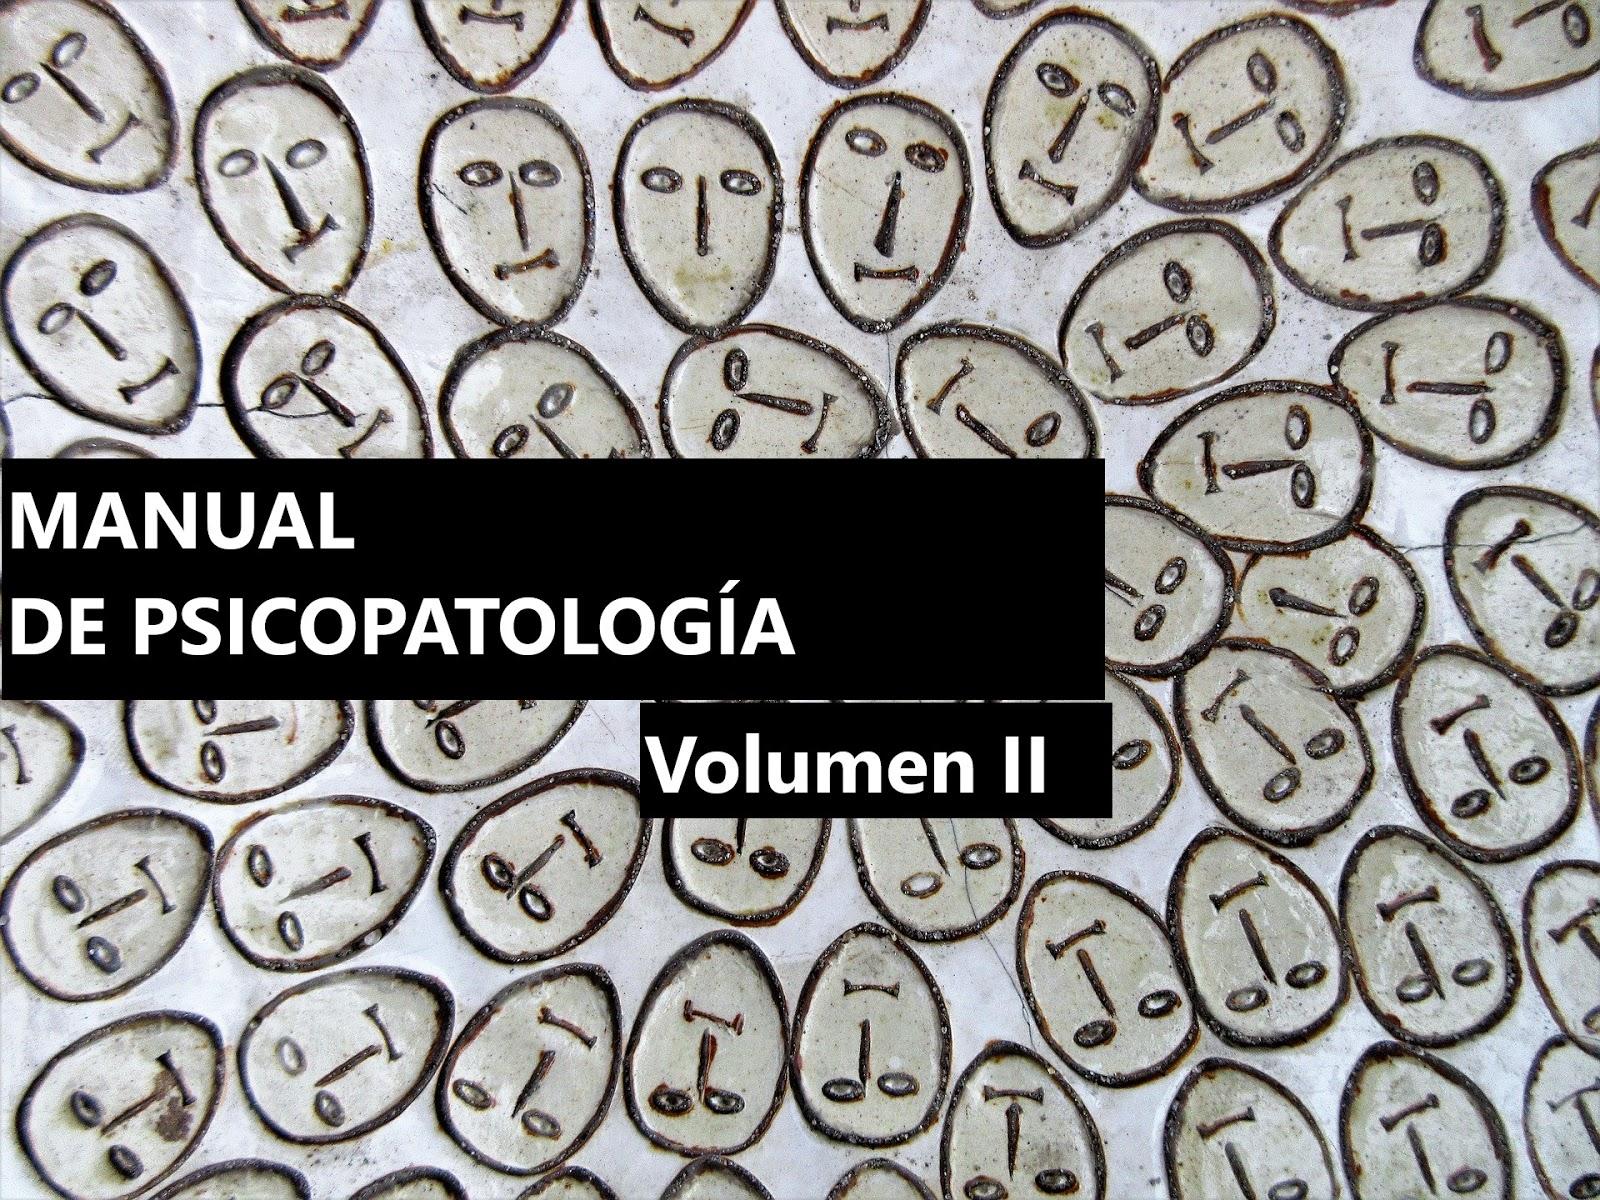 Amparo Belloch, MANUAL DE PSICOPATOLOGÍA, Volumen II